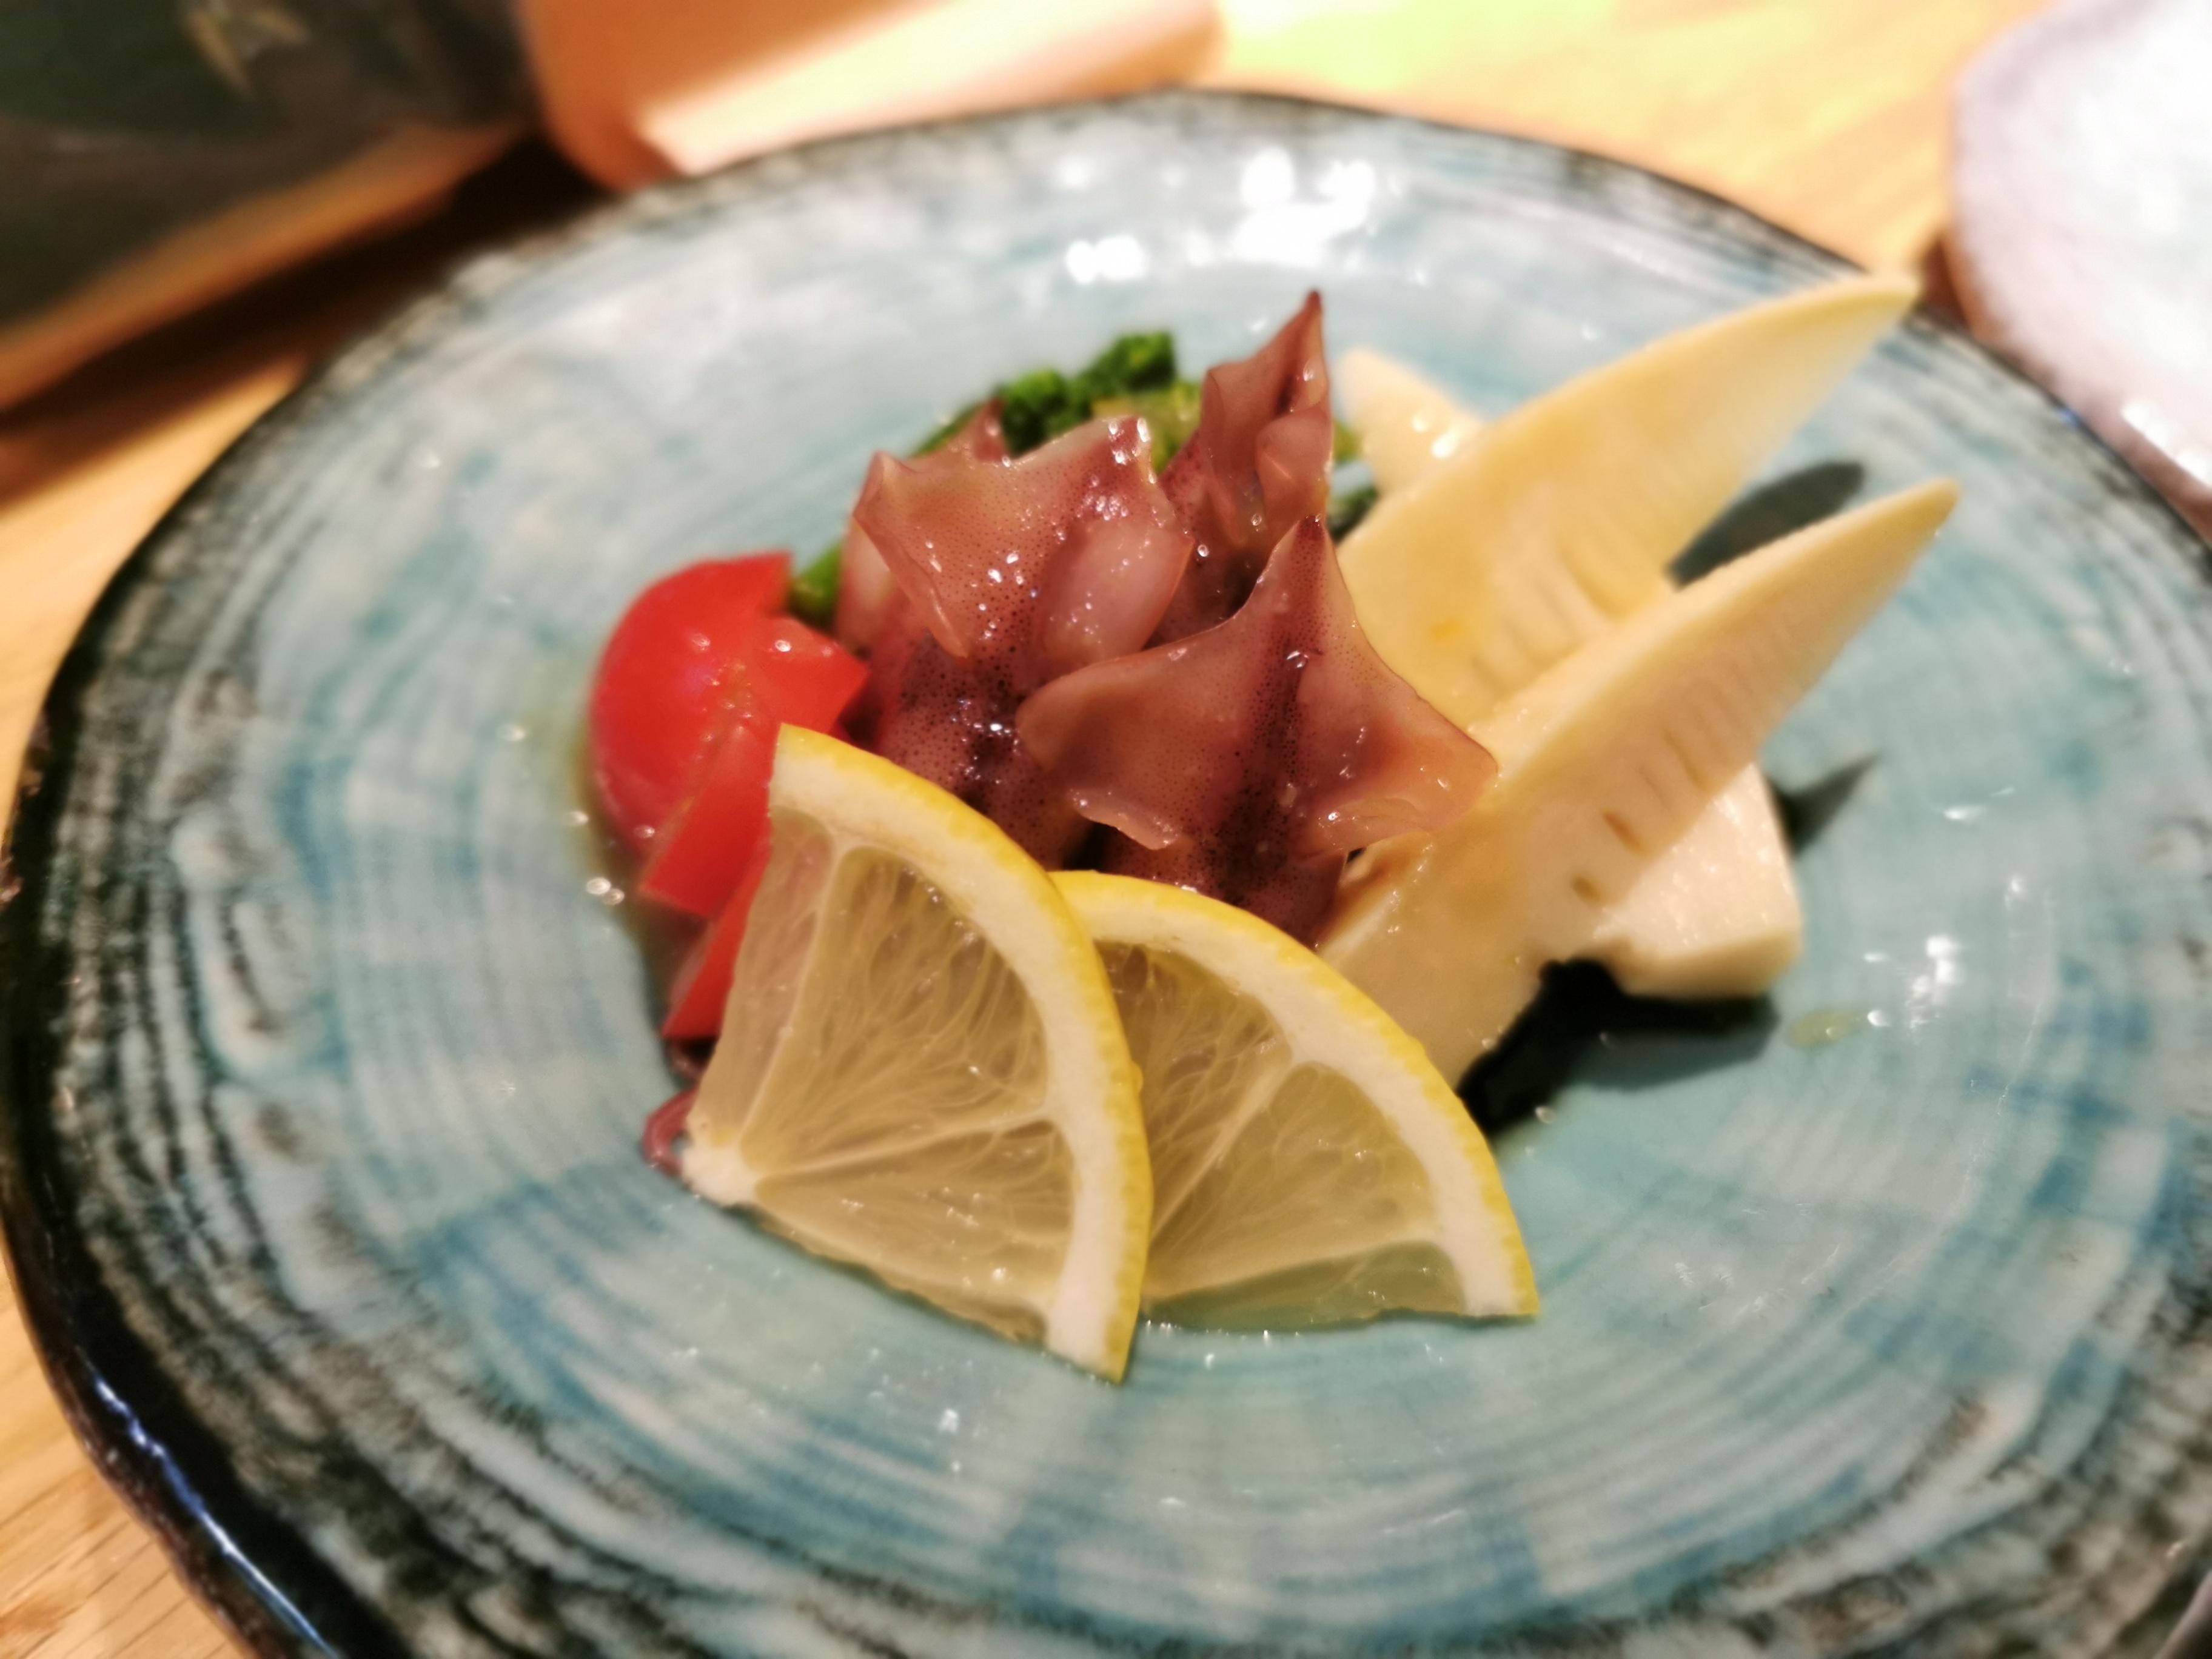 【葉山】博多 さか本@上品で繊細な料理とアットホームな雰囲気。葉山で人気の居酒屋さん。